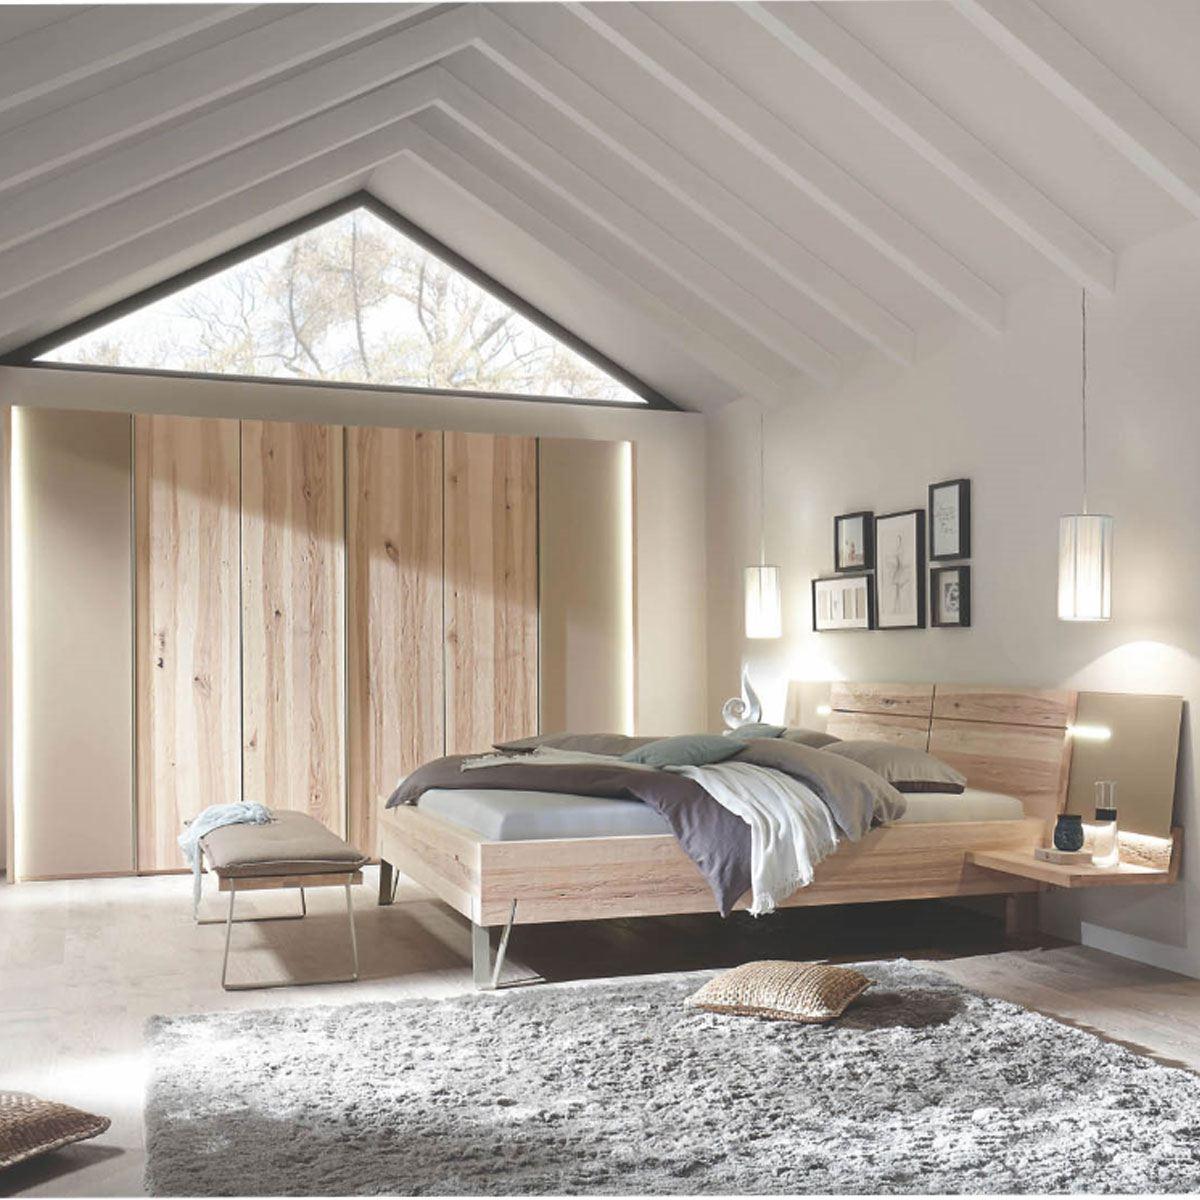 Thielemeyer Cubo Schlafzimmer bestehend aus Komfort-Liegenbett mit  Holzkopfteil und 10-türigen Kleiderschrank Holz Wildesche Absetzung  Colorglas taupe